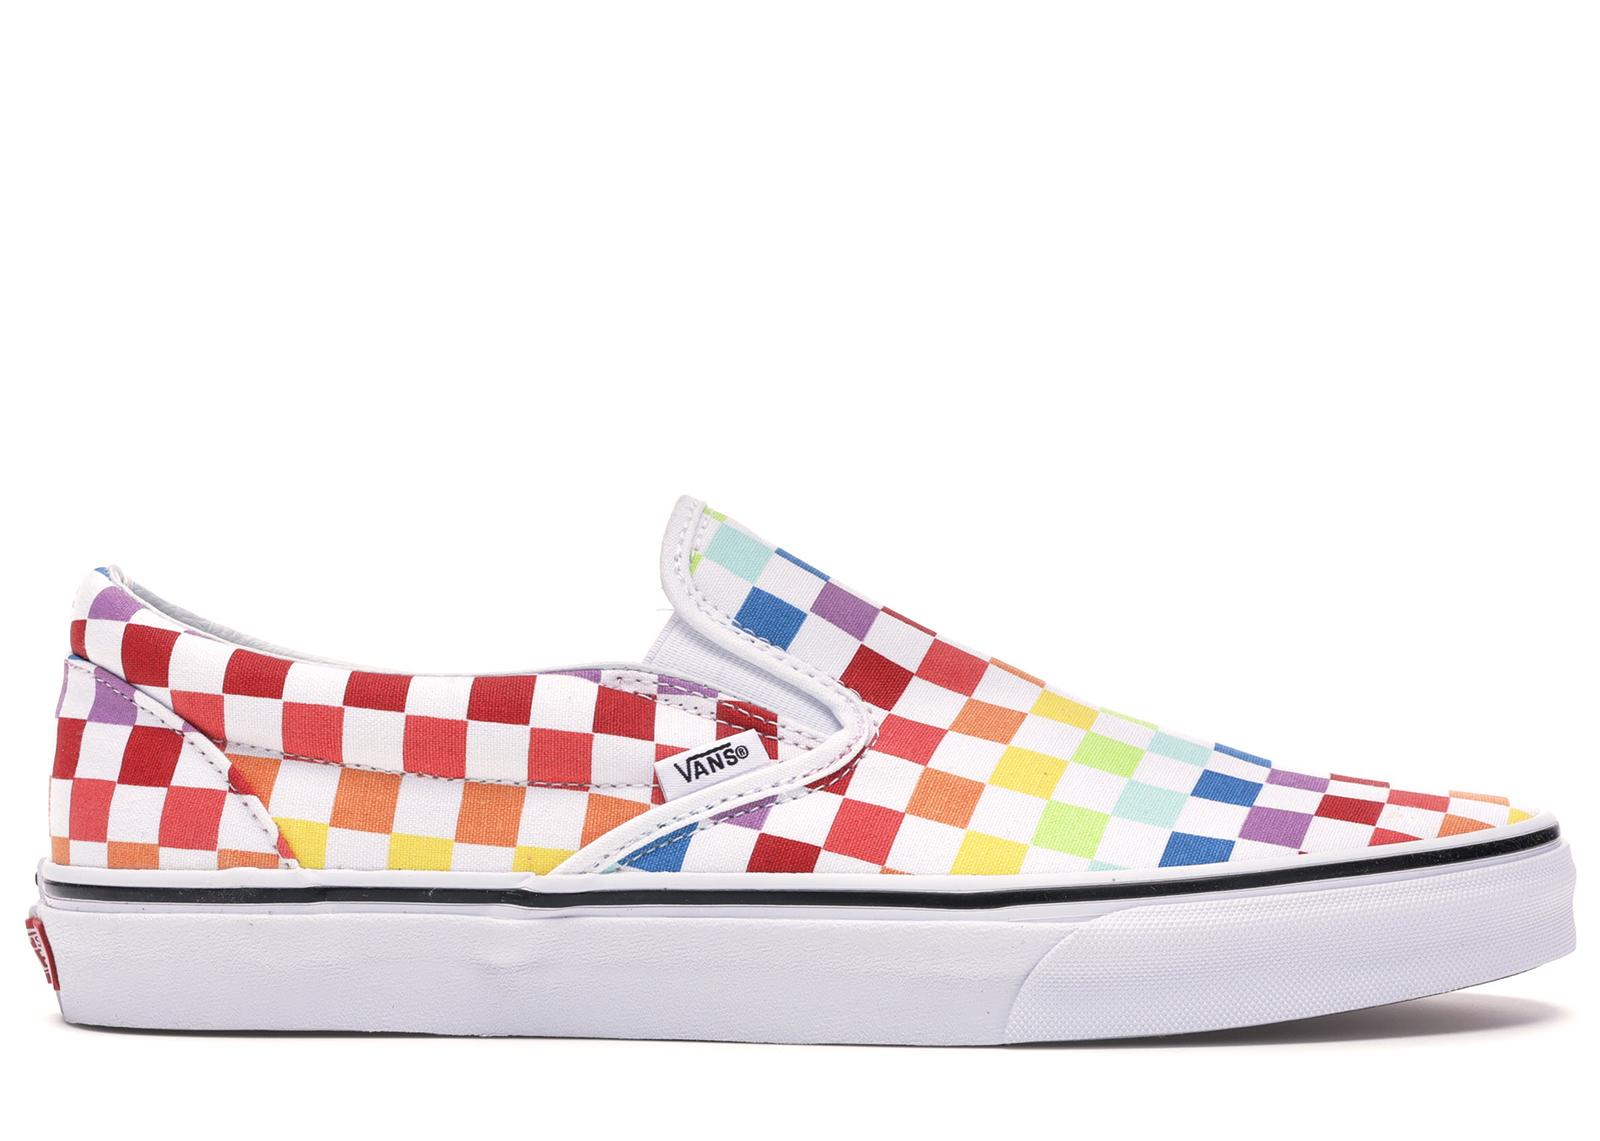 Vans Slip-On Rainbow Checkerboard - Sneakers